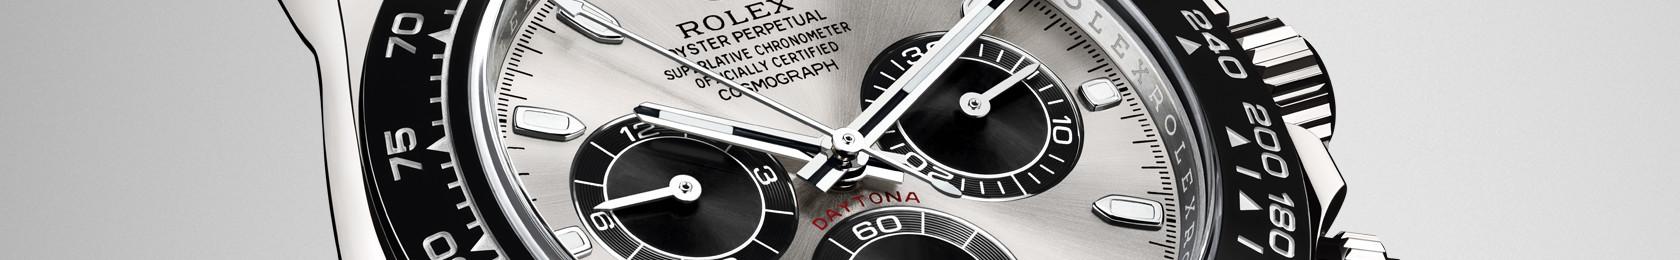 Detailaufnahme eines Rolex Cosmograph Zifferblatt